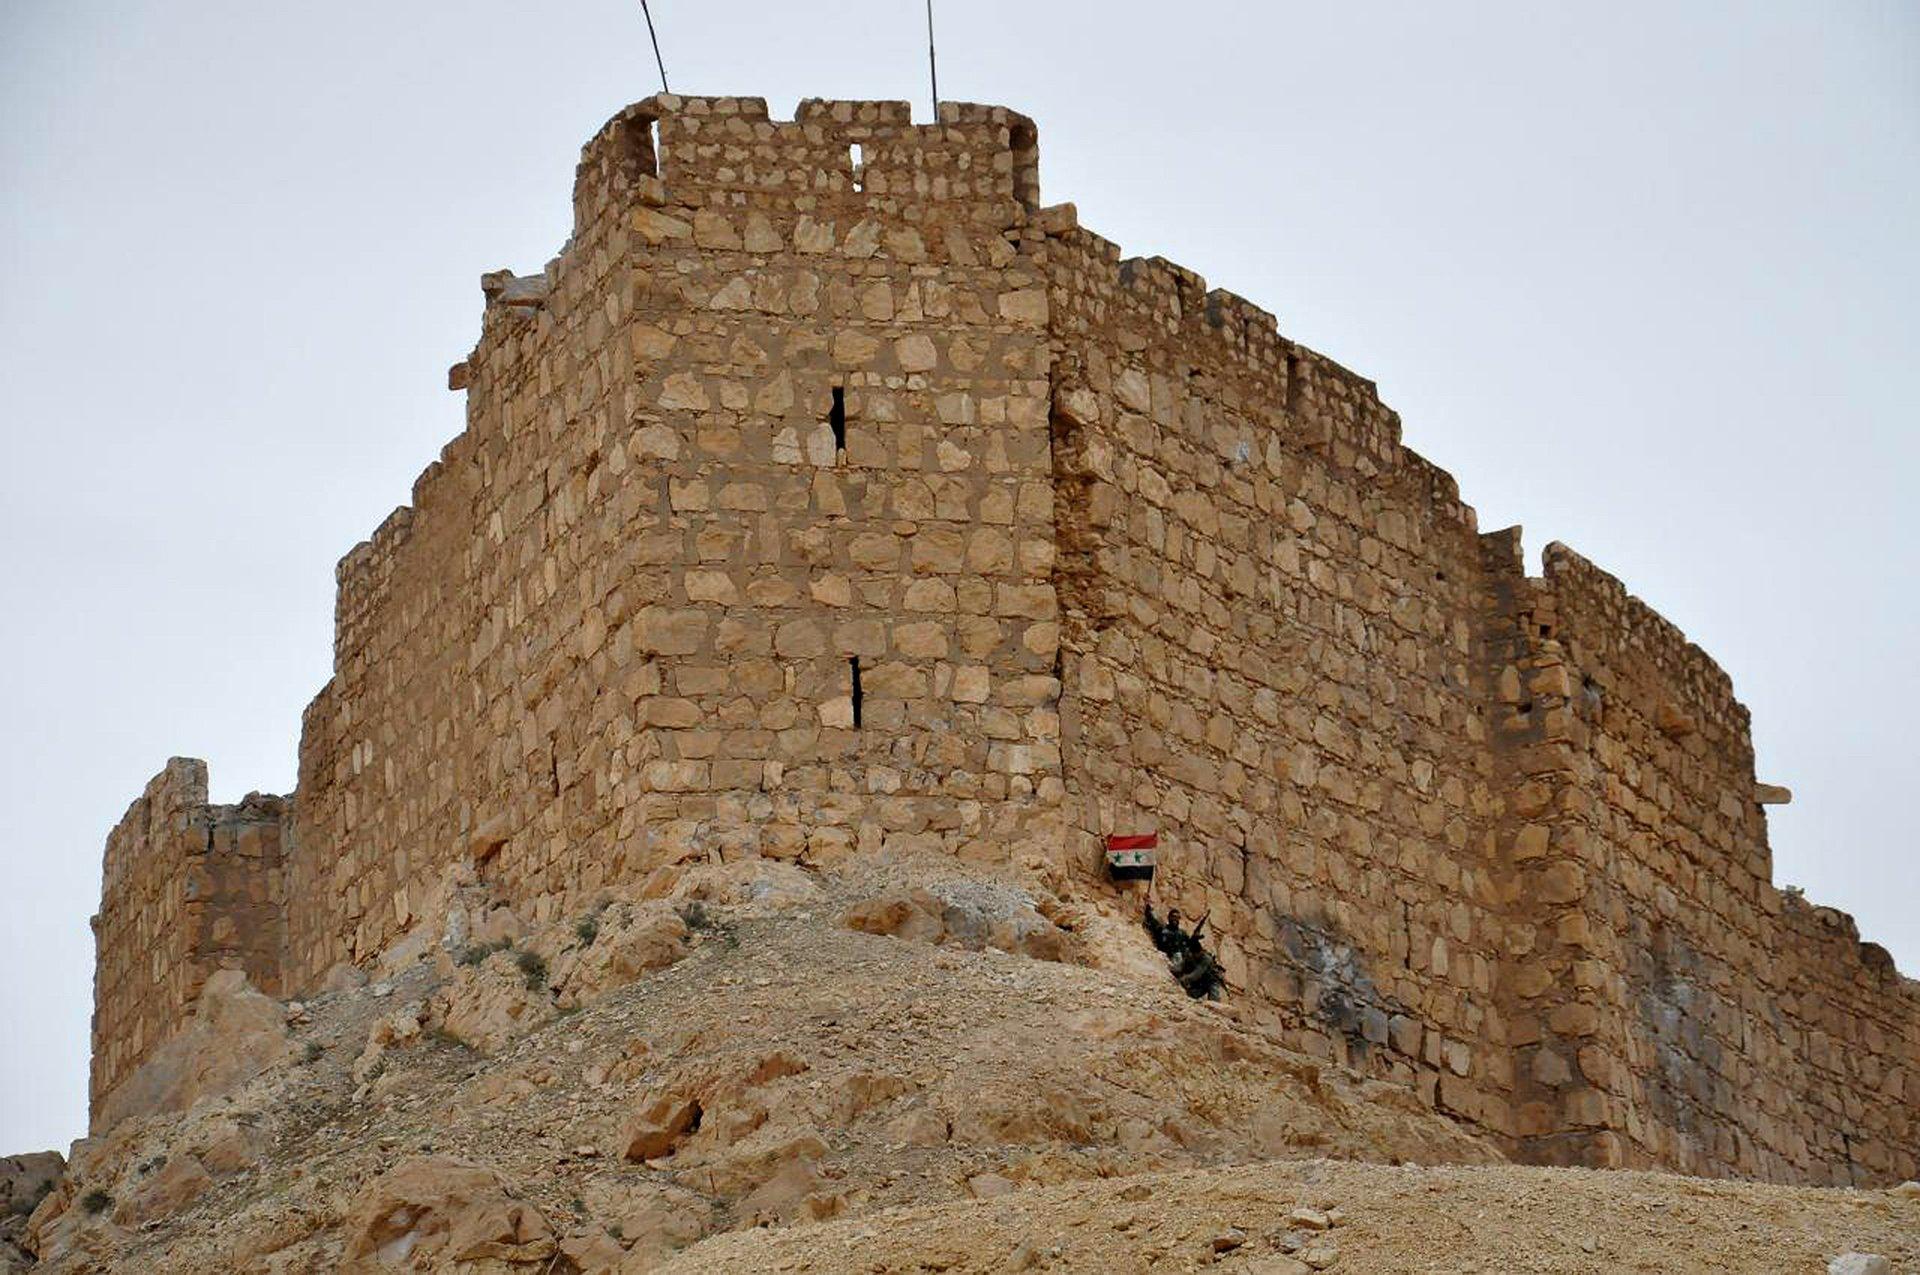 Un soldado sirio celebra con su bandera a los pies de uno de los edificios que sobrevivió a la batalla - Crédito: AP